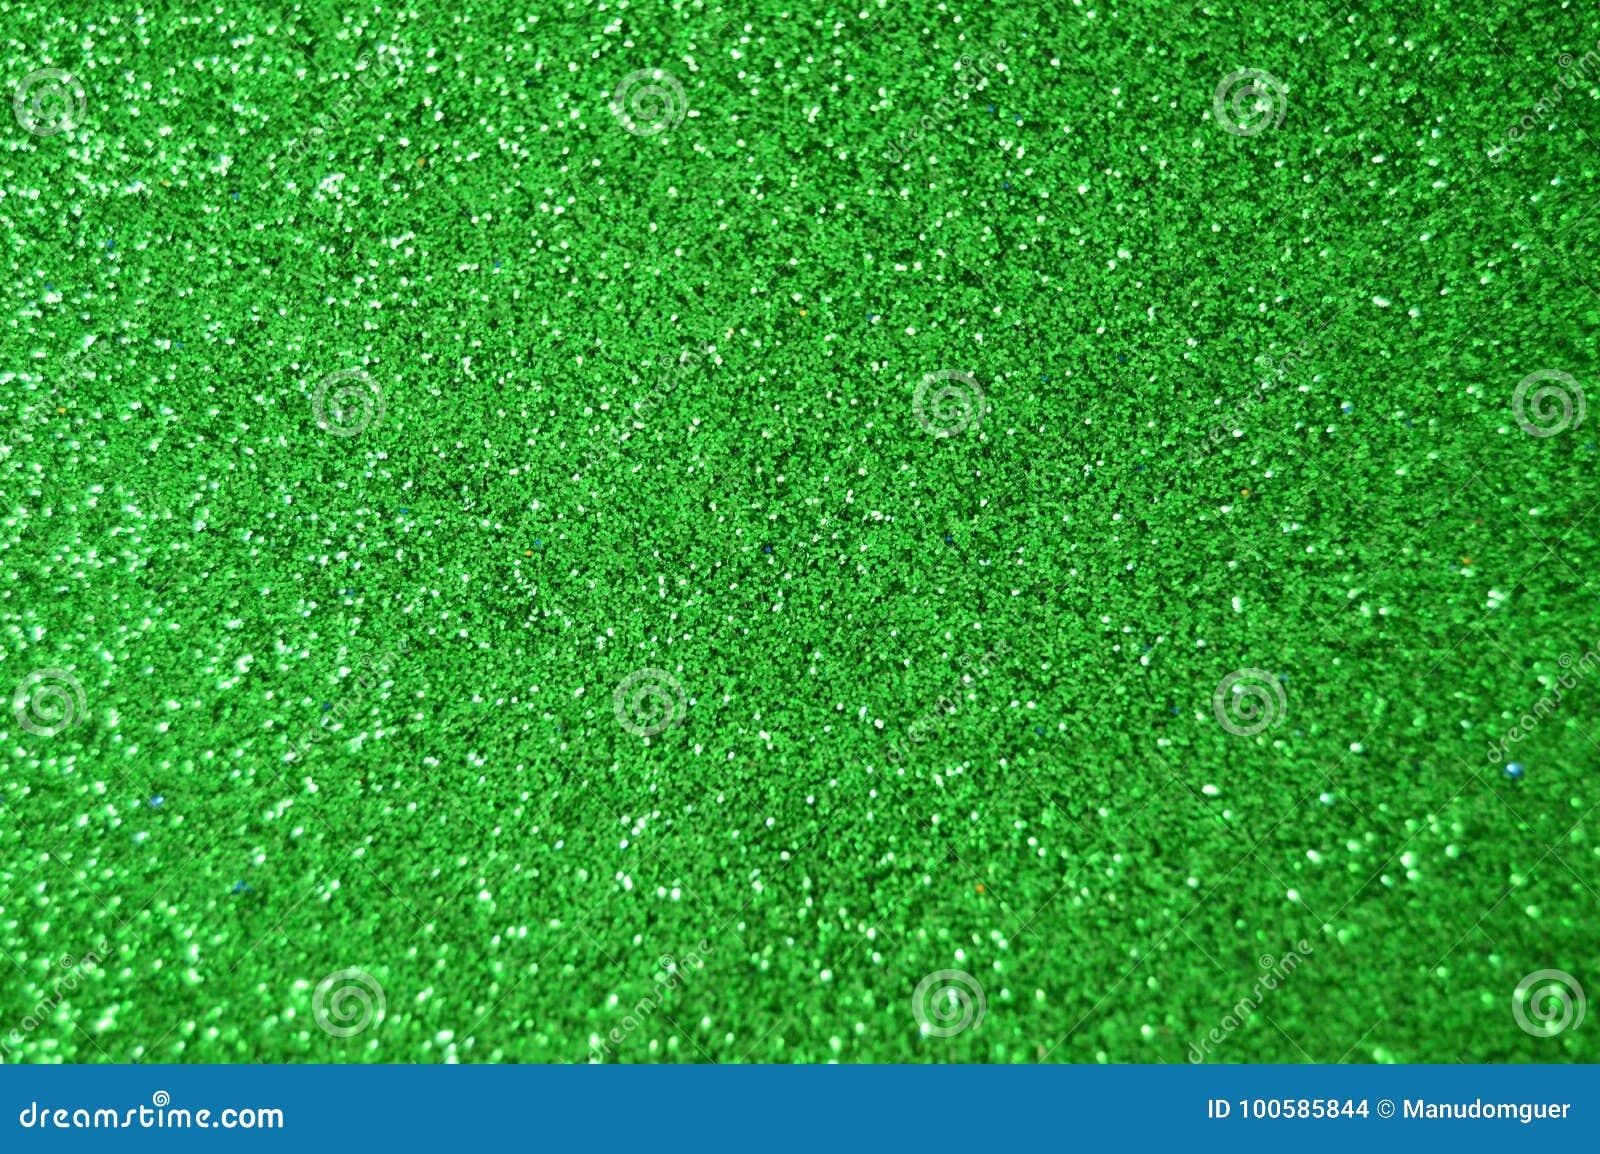 Den gröna gnistrandet blänker bakgrund Ferie jul, valentin, skönhet och spikar abstrakt textur